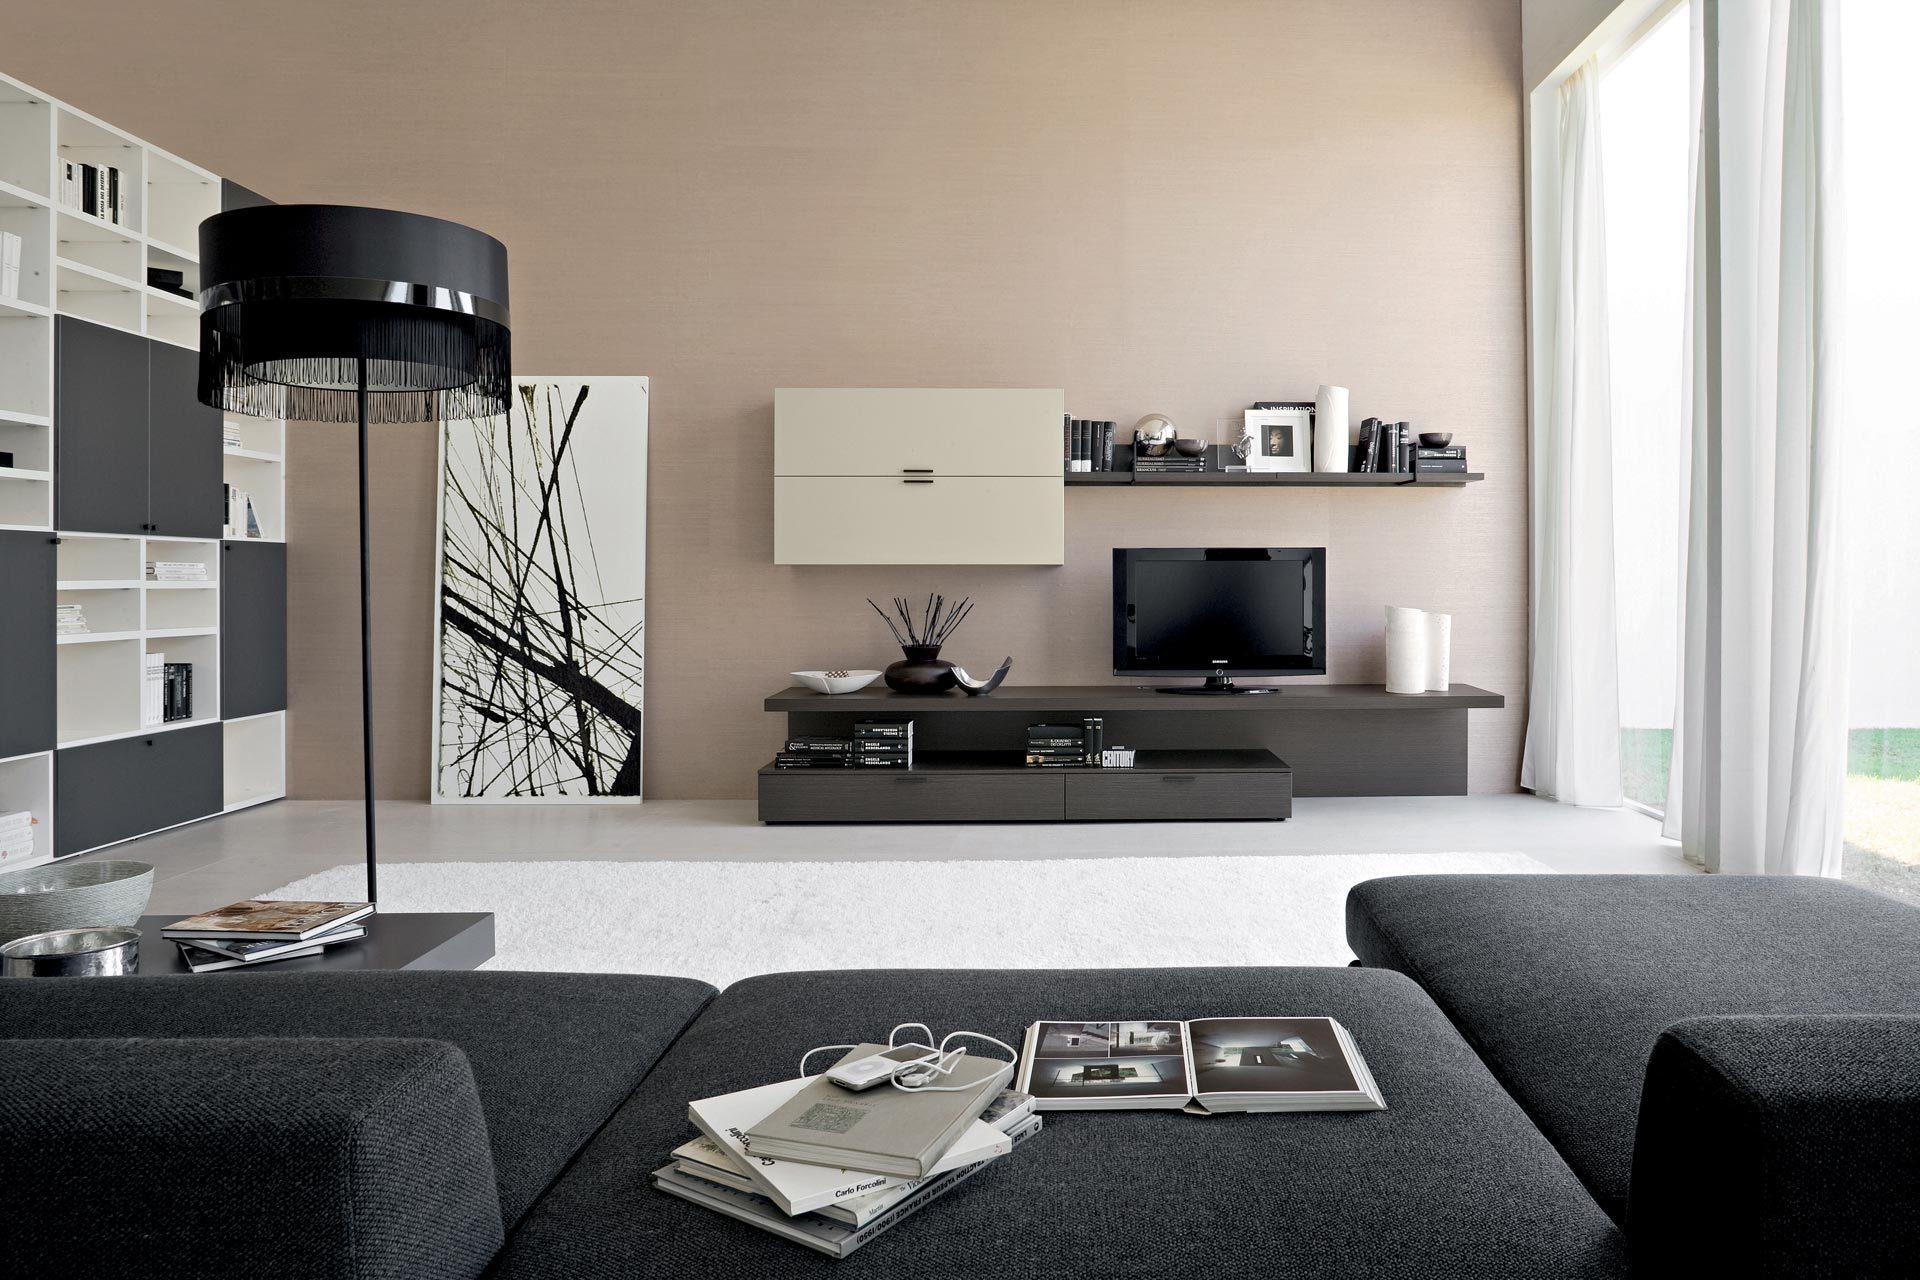 Ukur Perabot Mengikut Keluasan Rumah Sebelum Membeli